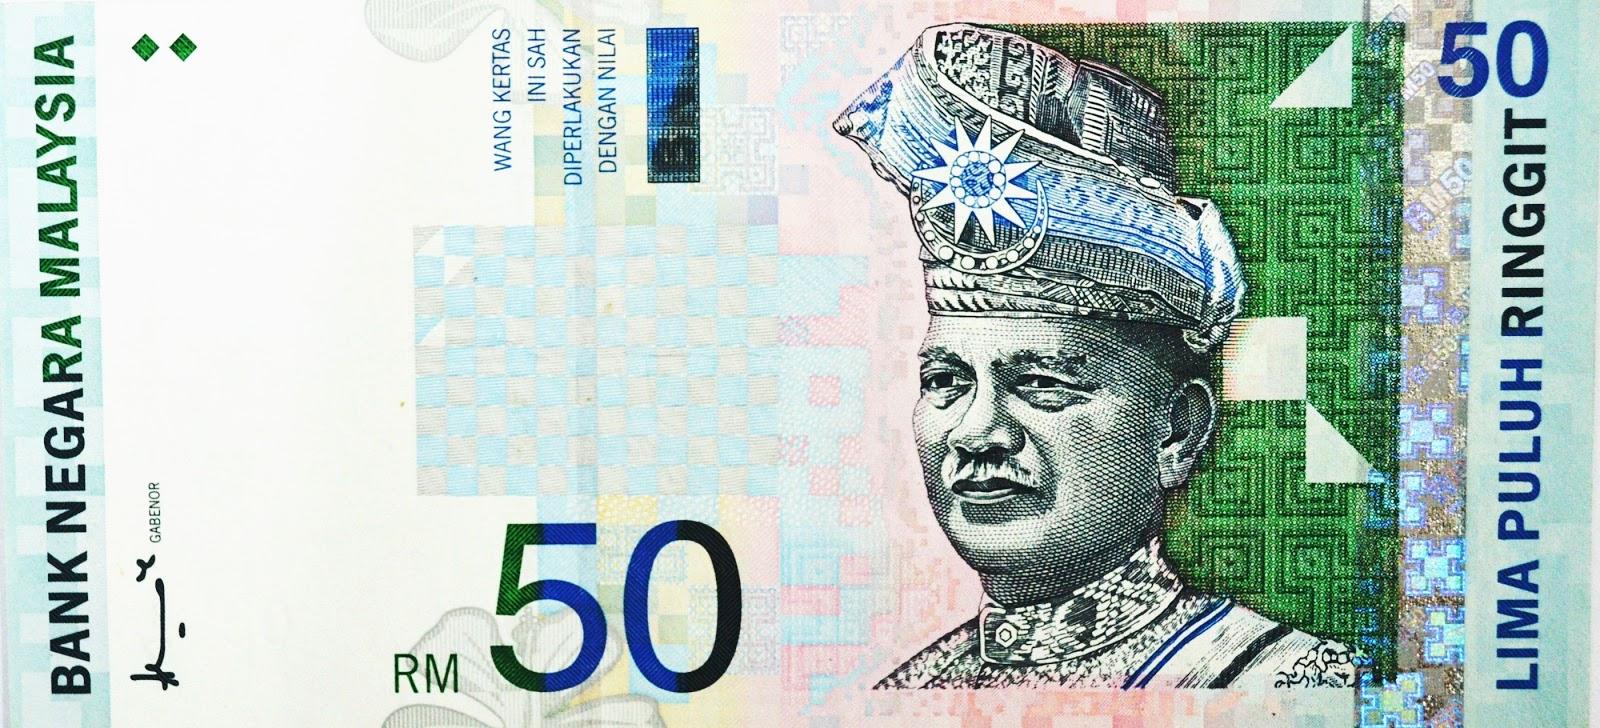 galeri sha banknote wang kertas rm50 replacement za